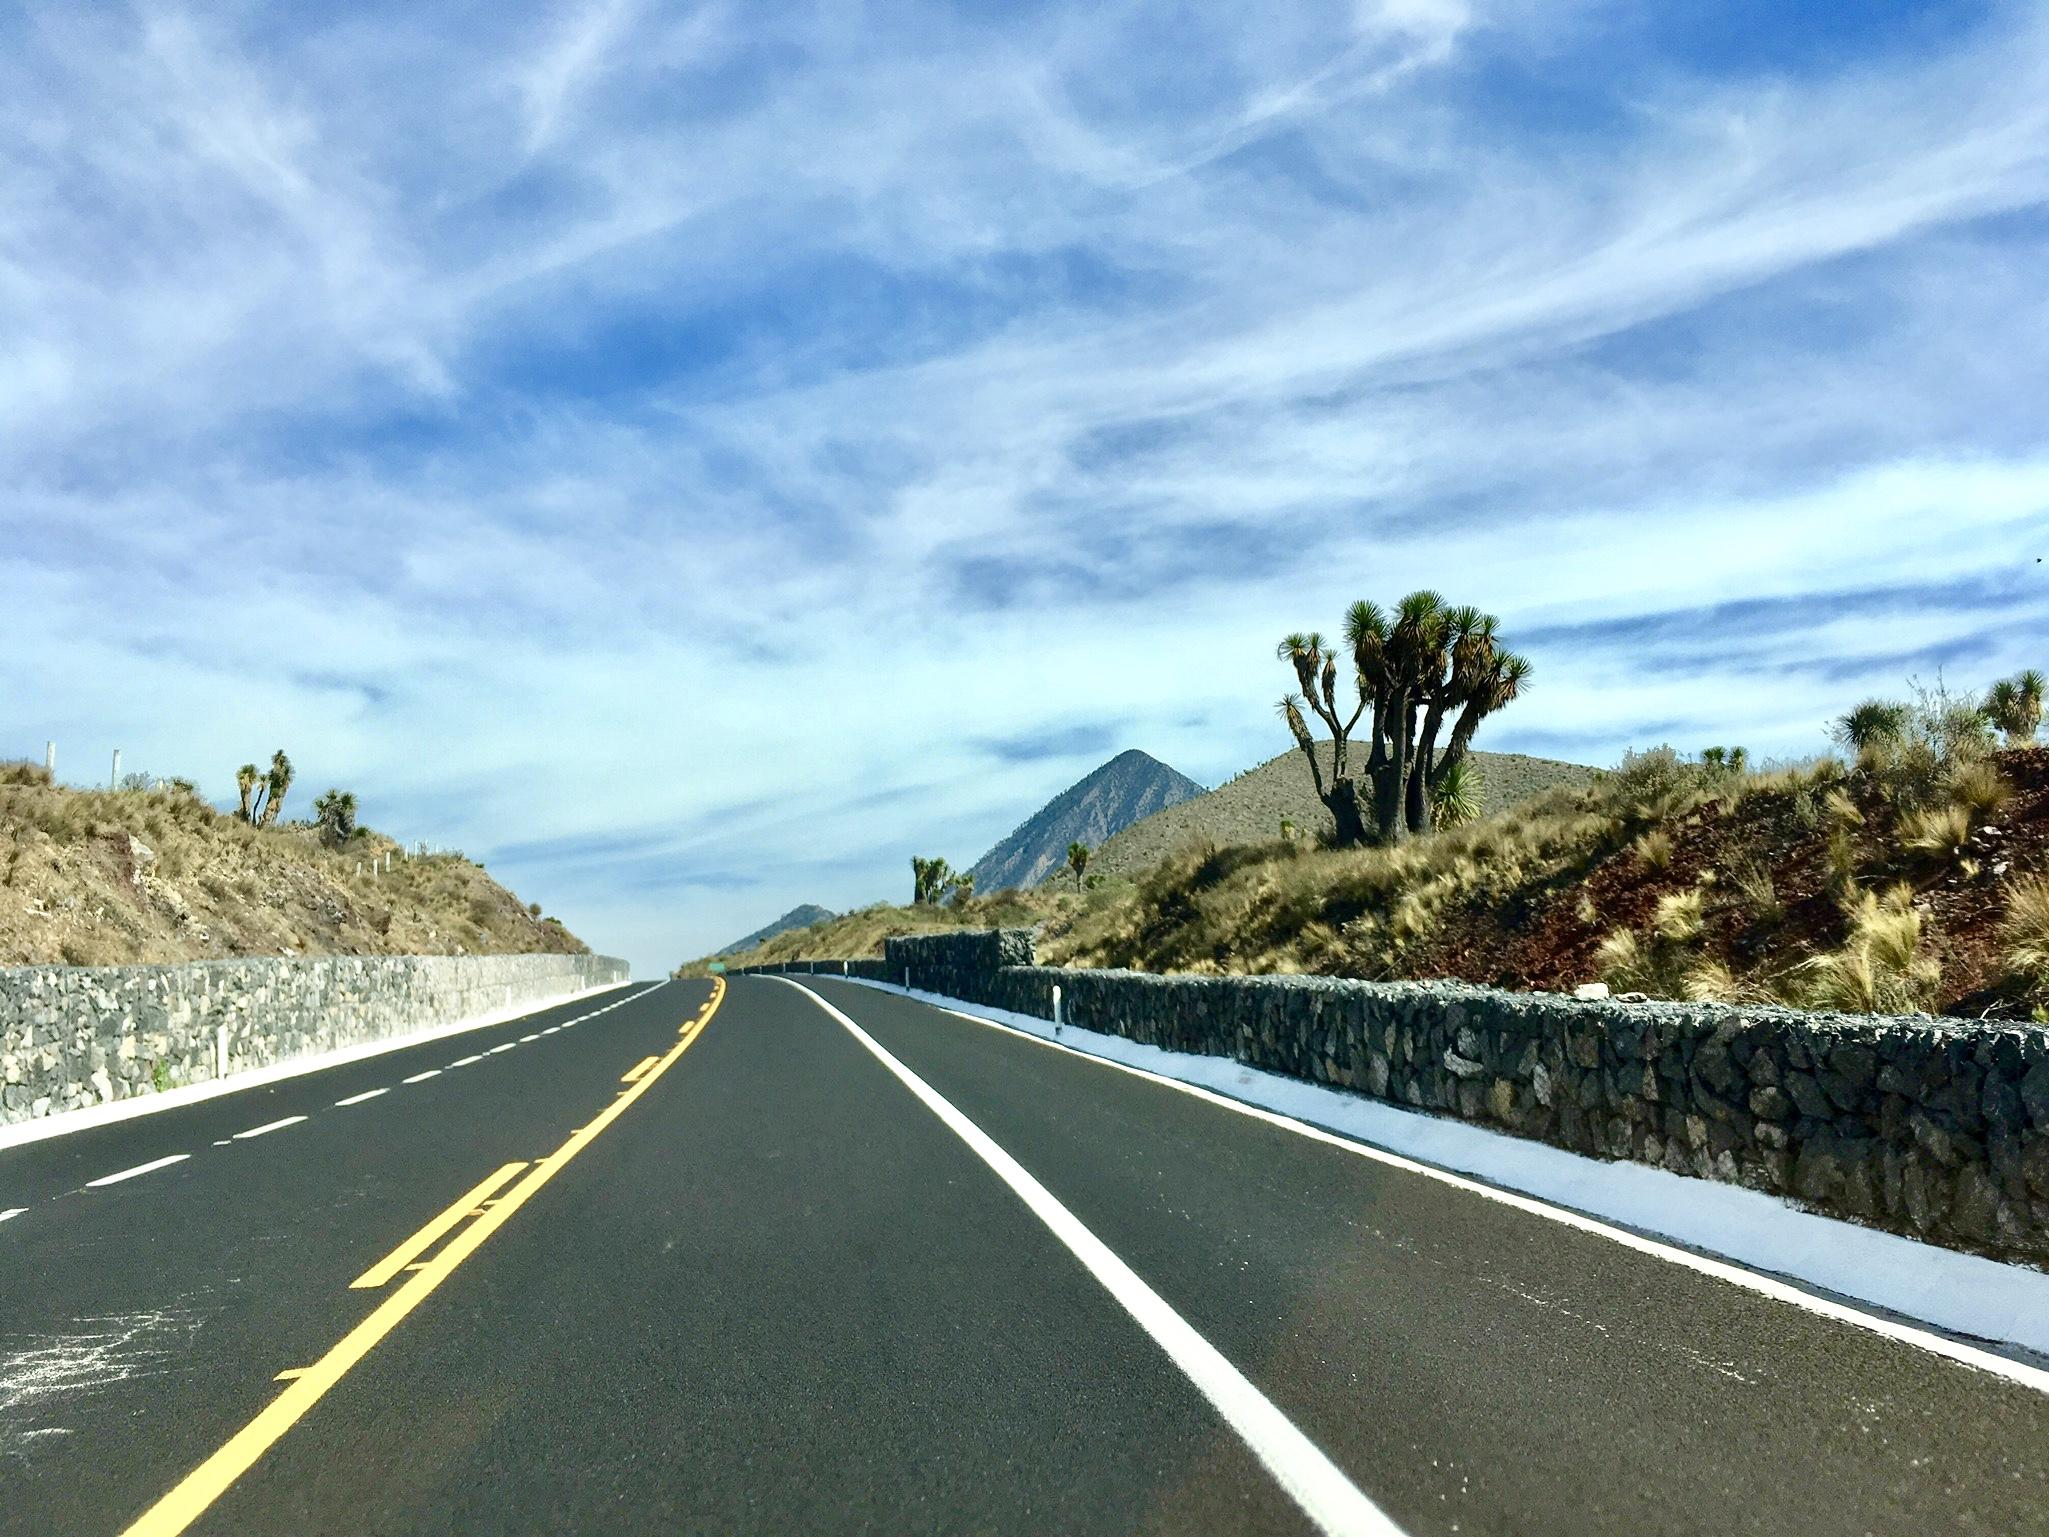 Eine Straße. Ein Vulkan. Ein typischer Wüstenbaum. Viel Himmel.